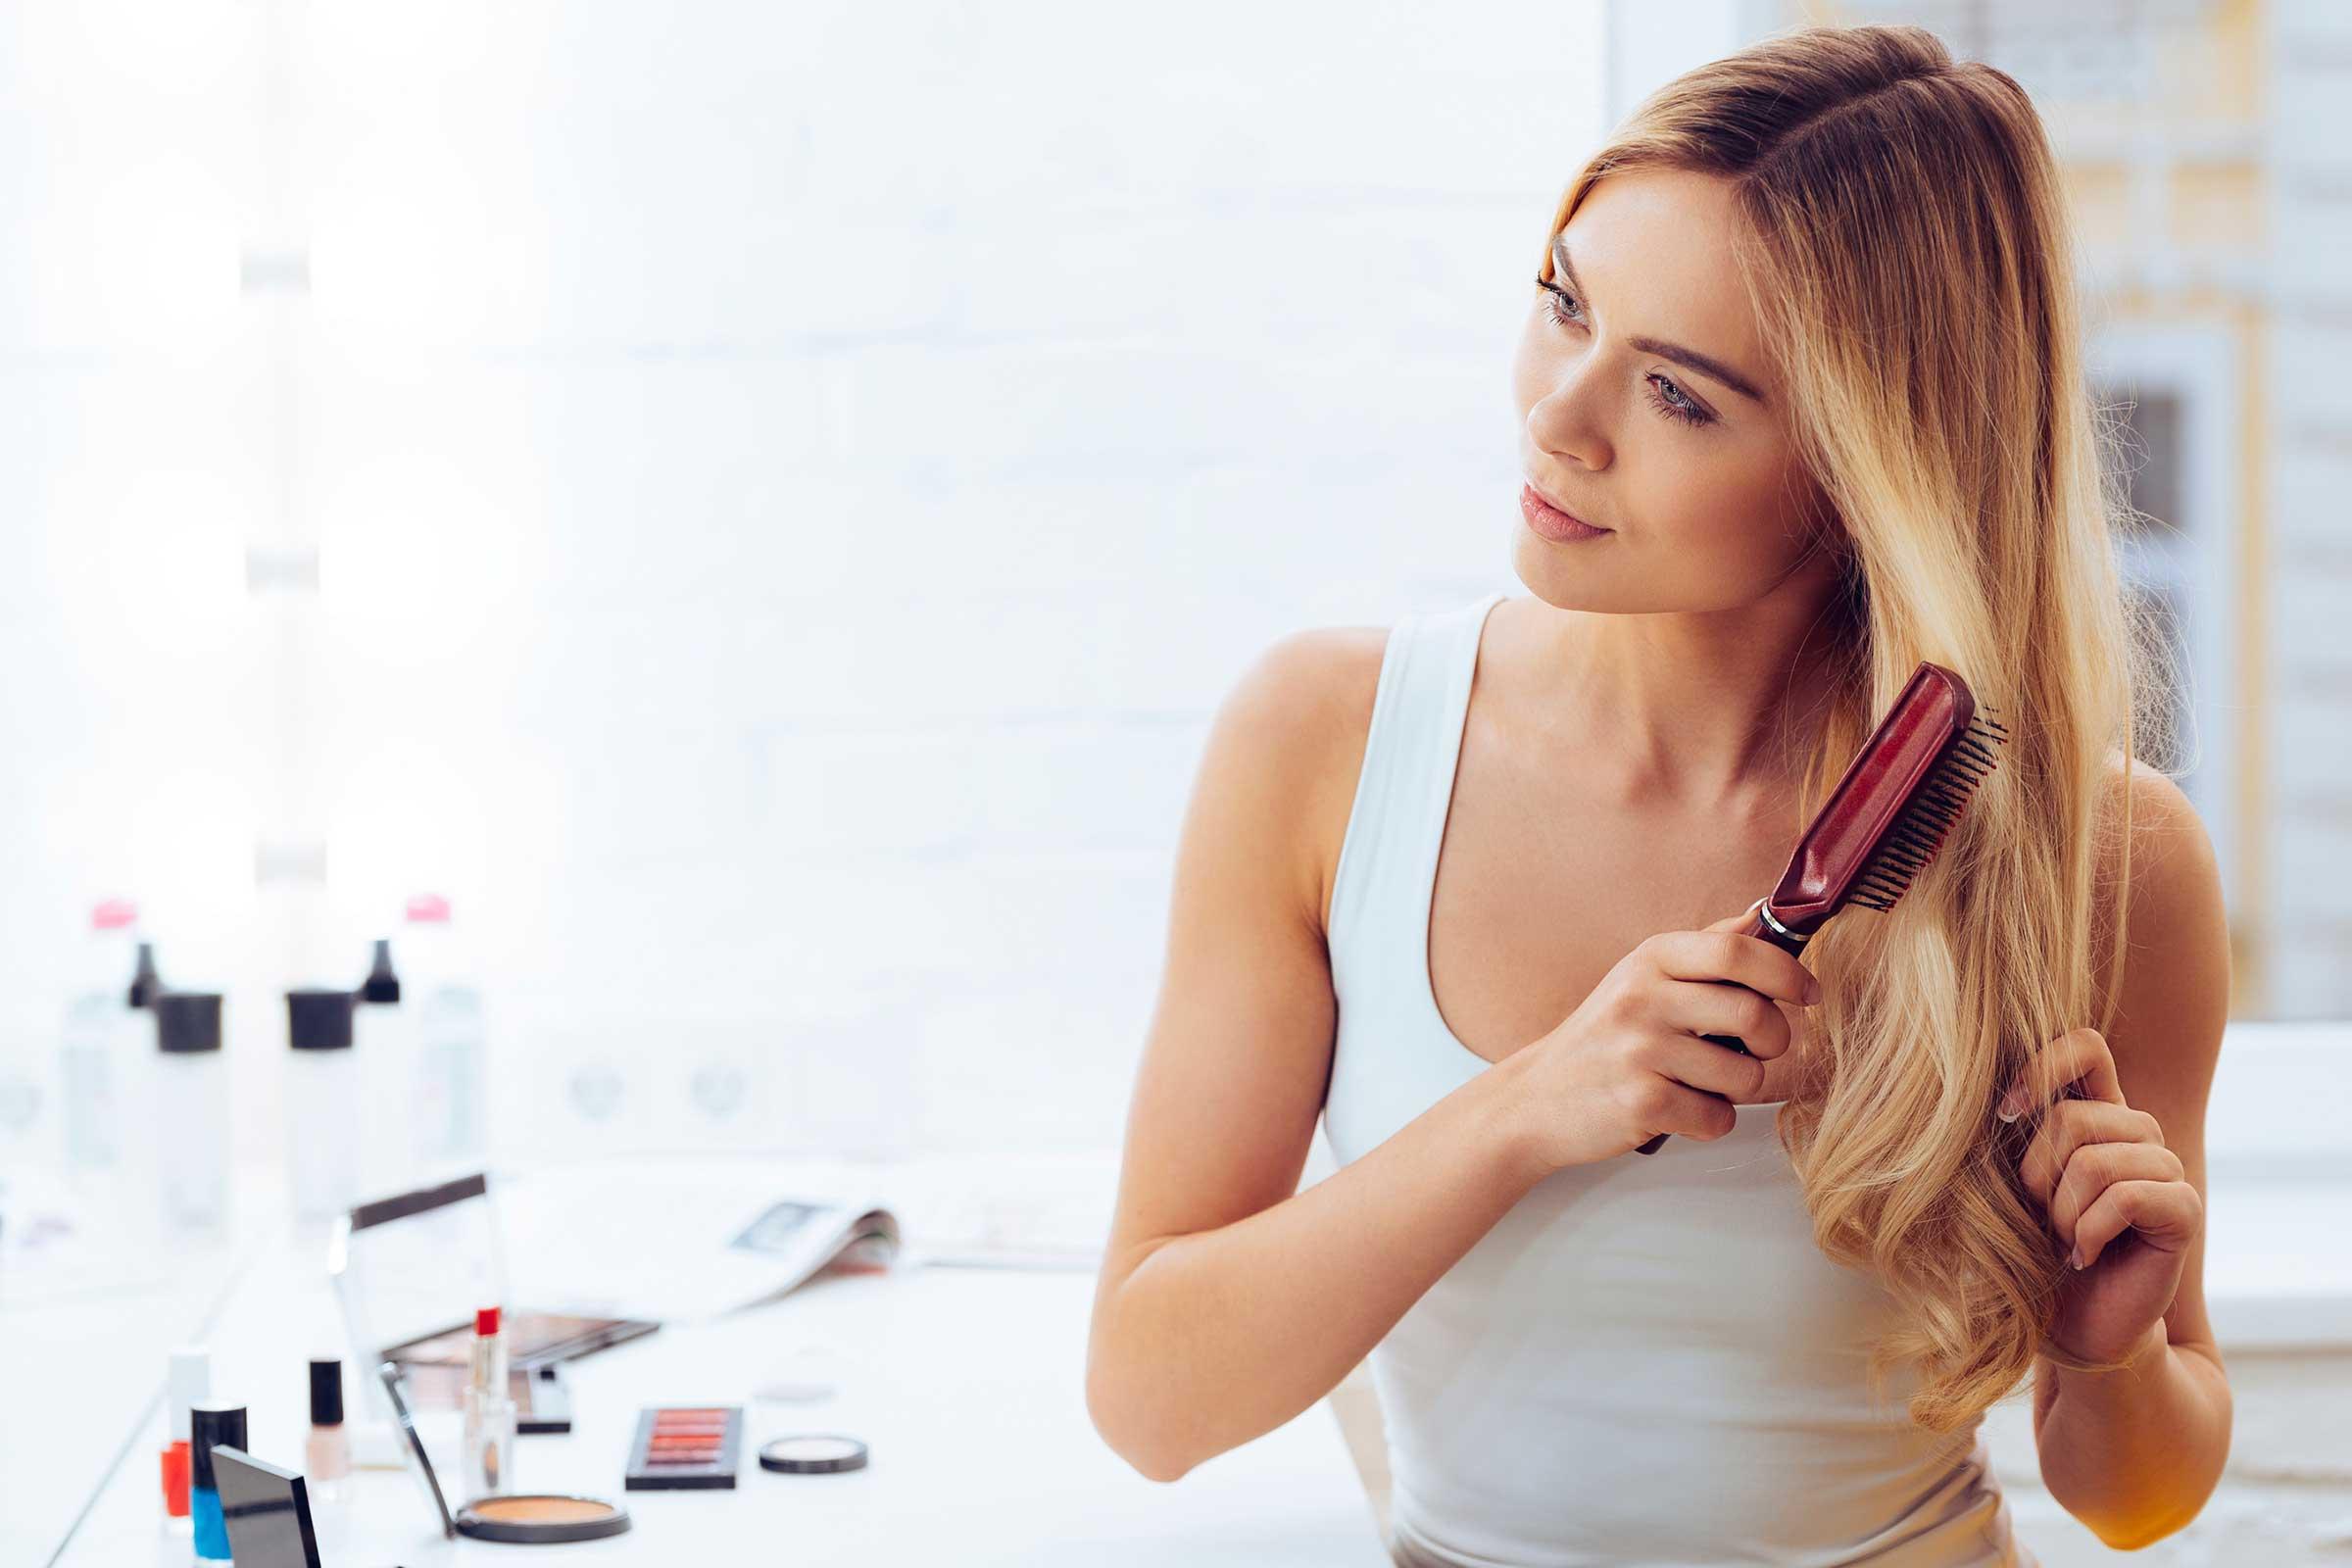 Бальзам для волос: что о нем нужно знать и как его правильно использовать?